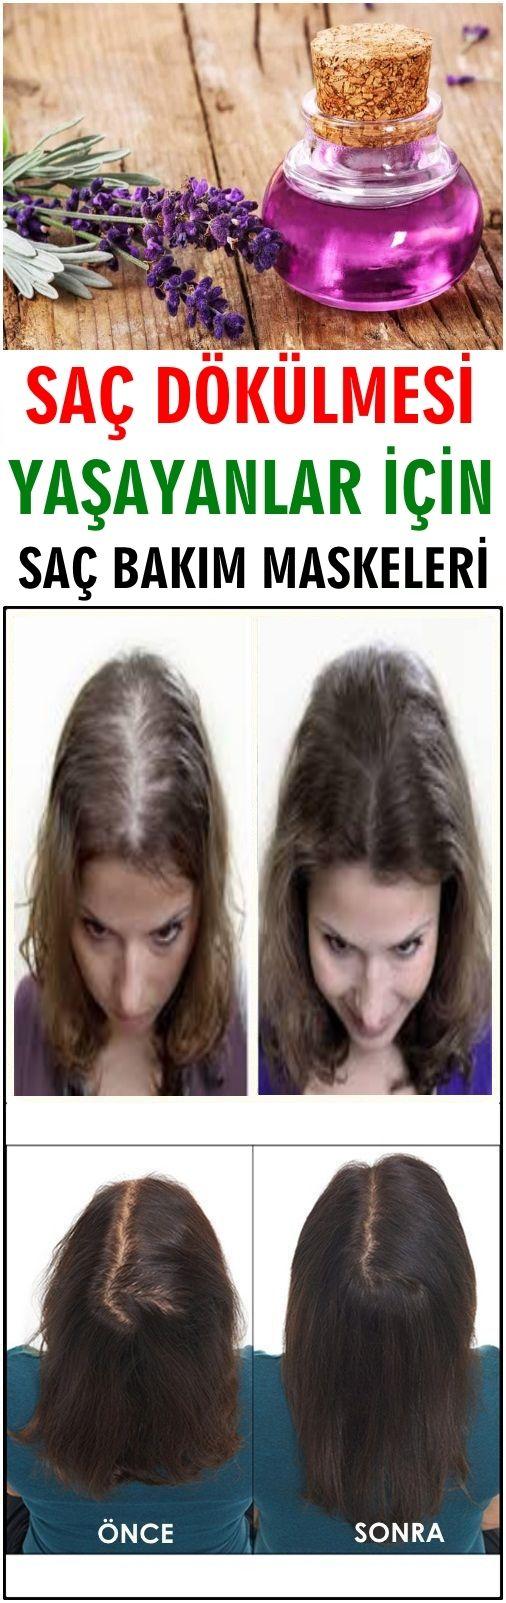 Sac Dokulmesi Icin Sac Bakim Maskeleri Sac Dokulmesi Sac Bakimi